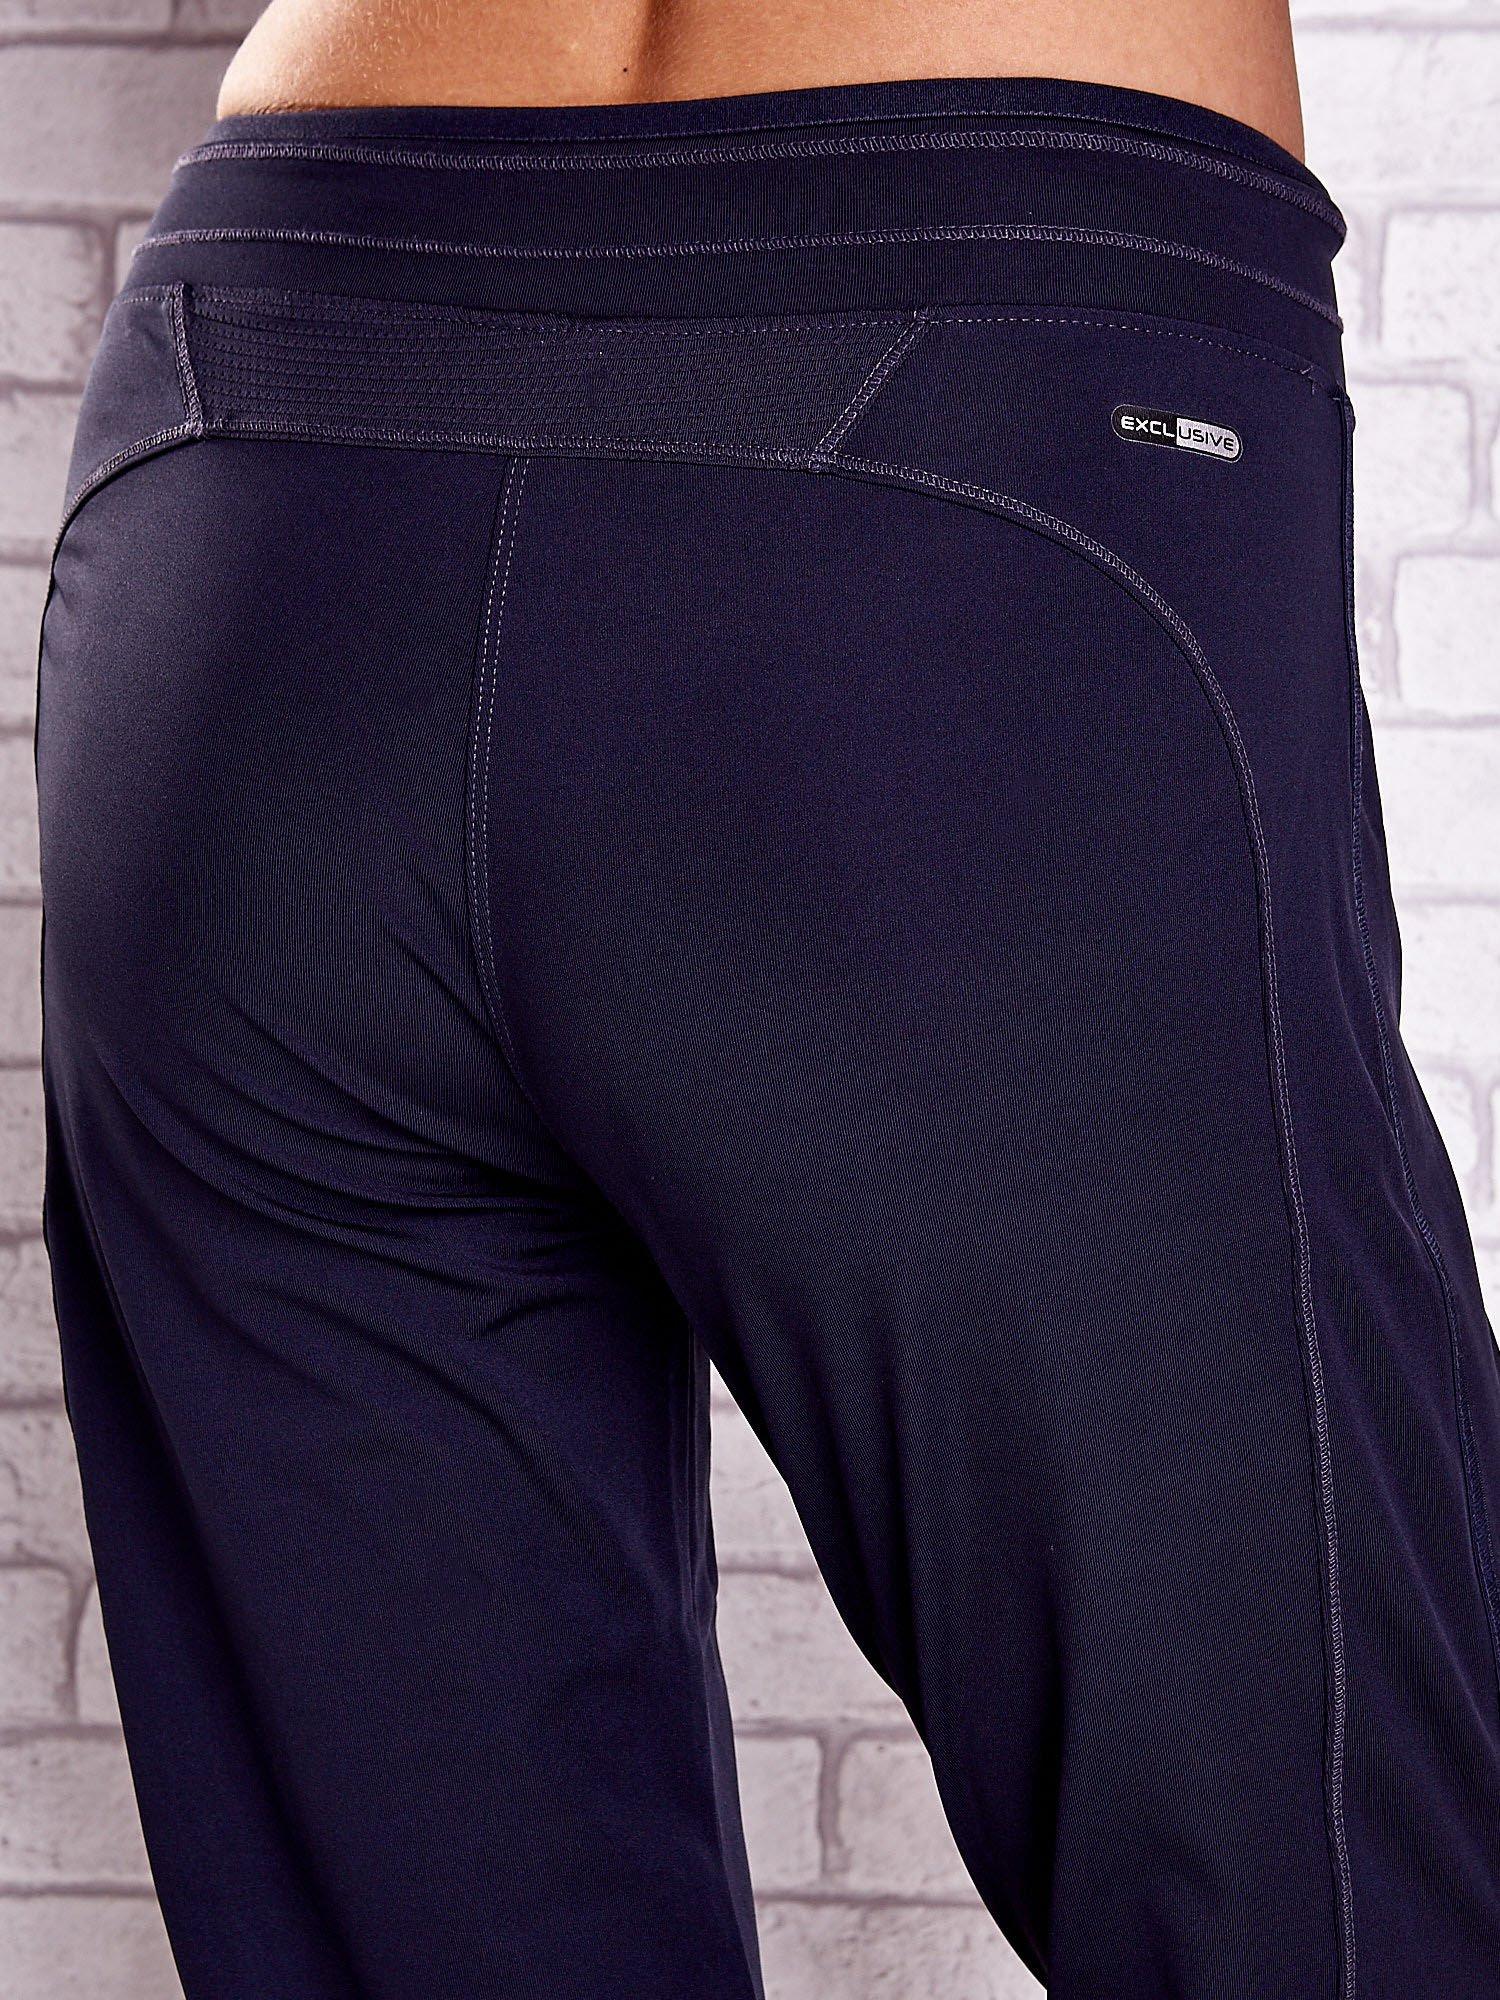 Grafitowe spodnie capri z siateczką z tyłu PLUS SIZE                                  zdj.                                  6